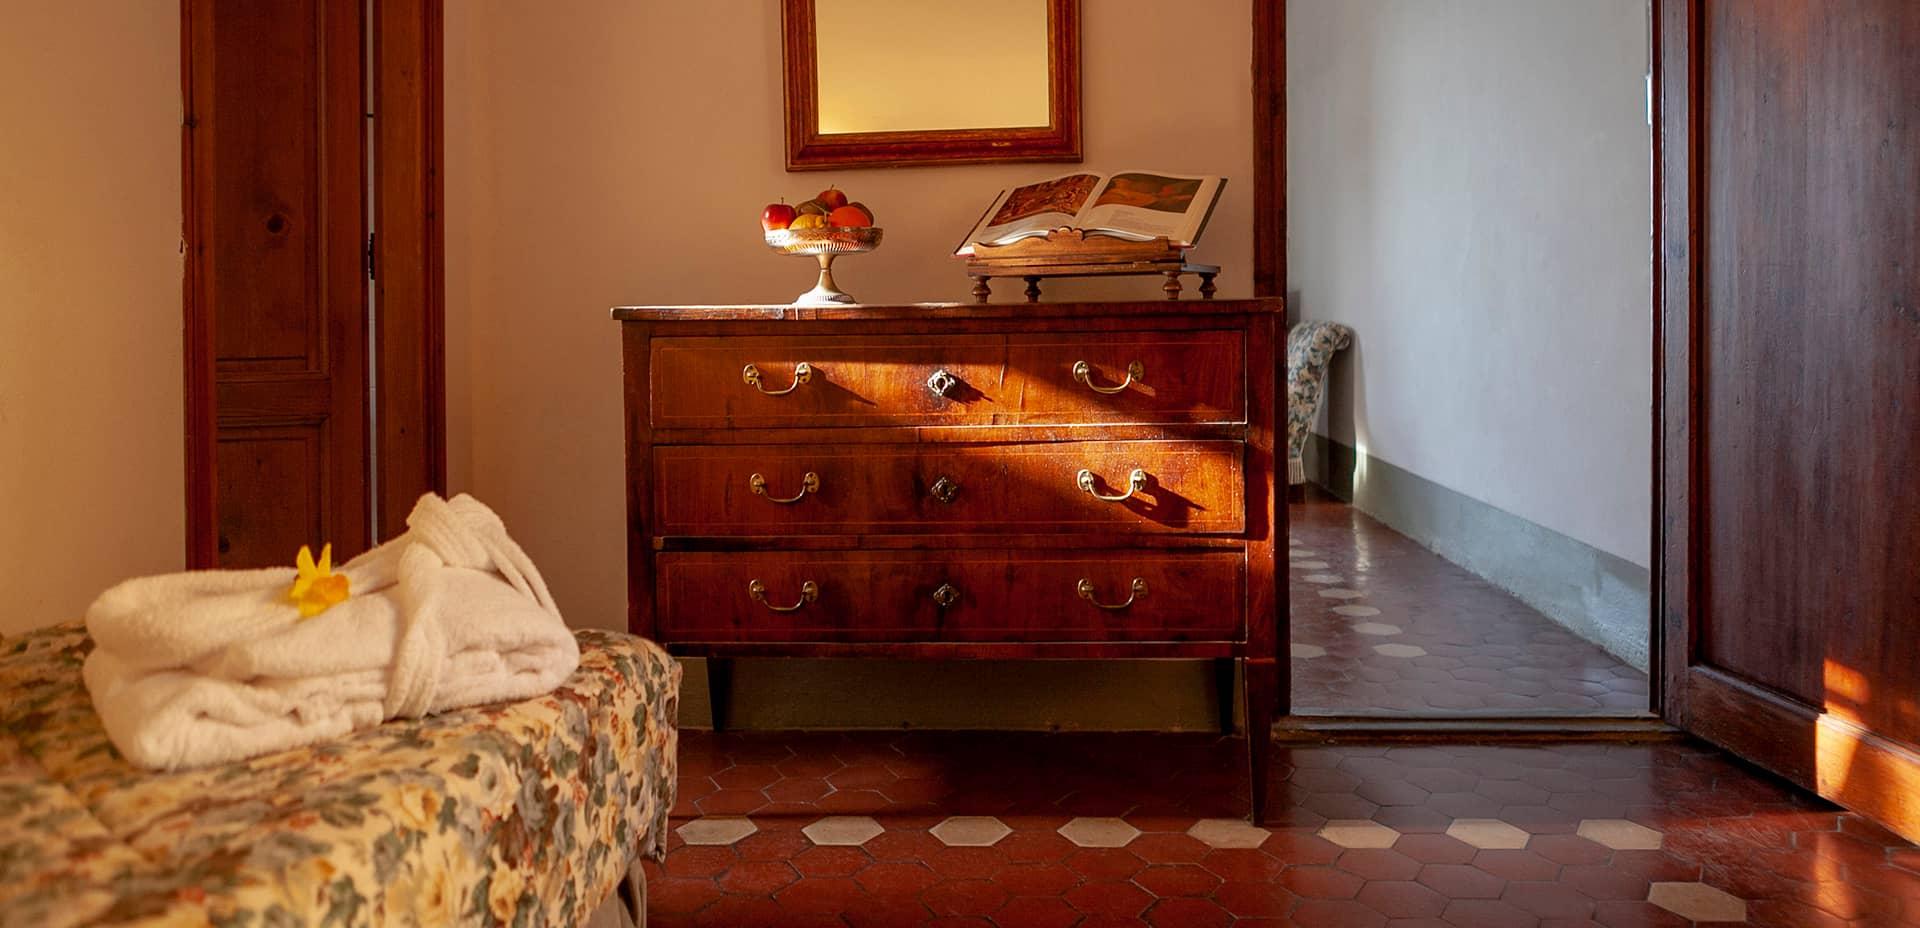 Albergo Fiesole Firenze - Pensione Bencistà